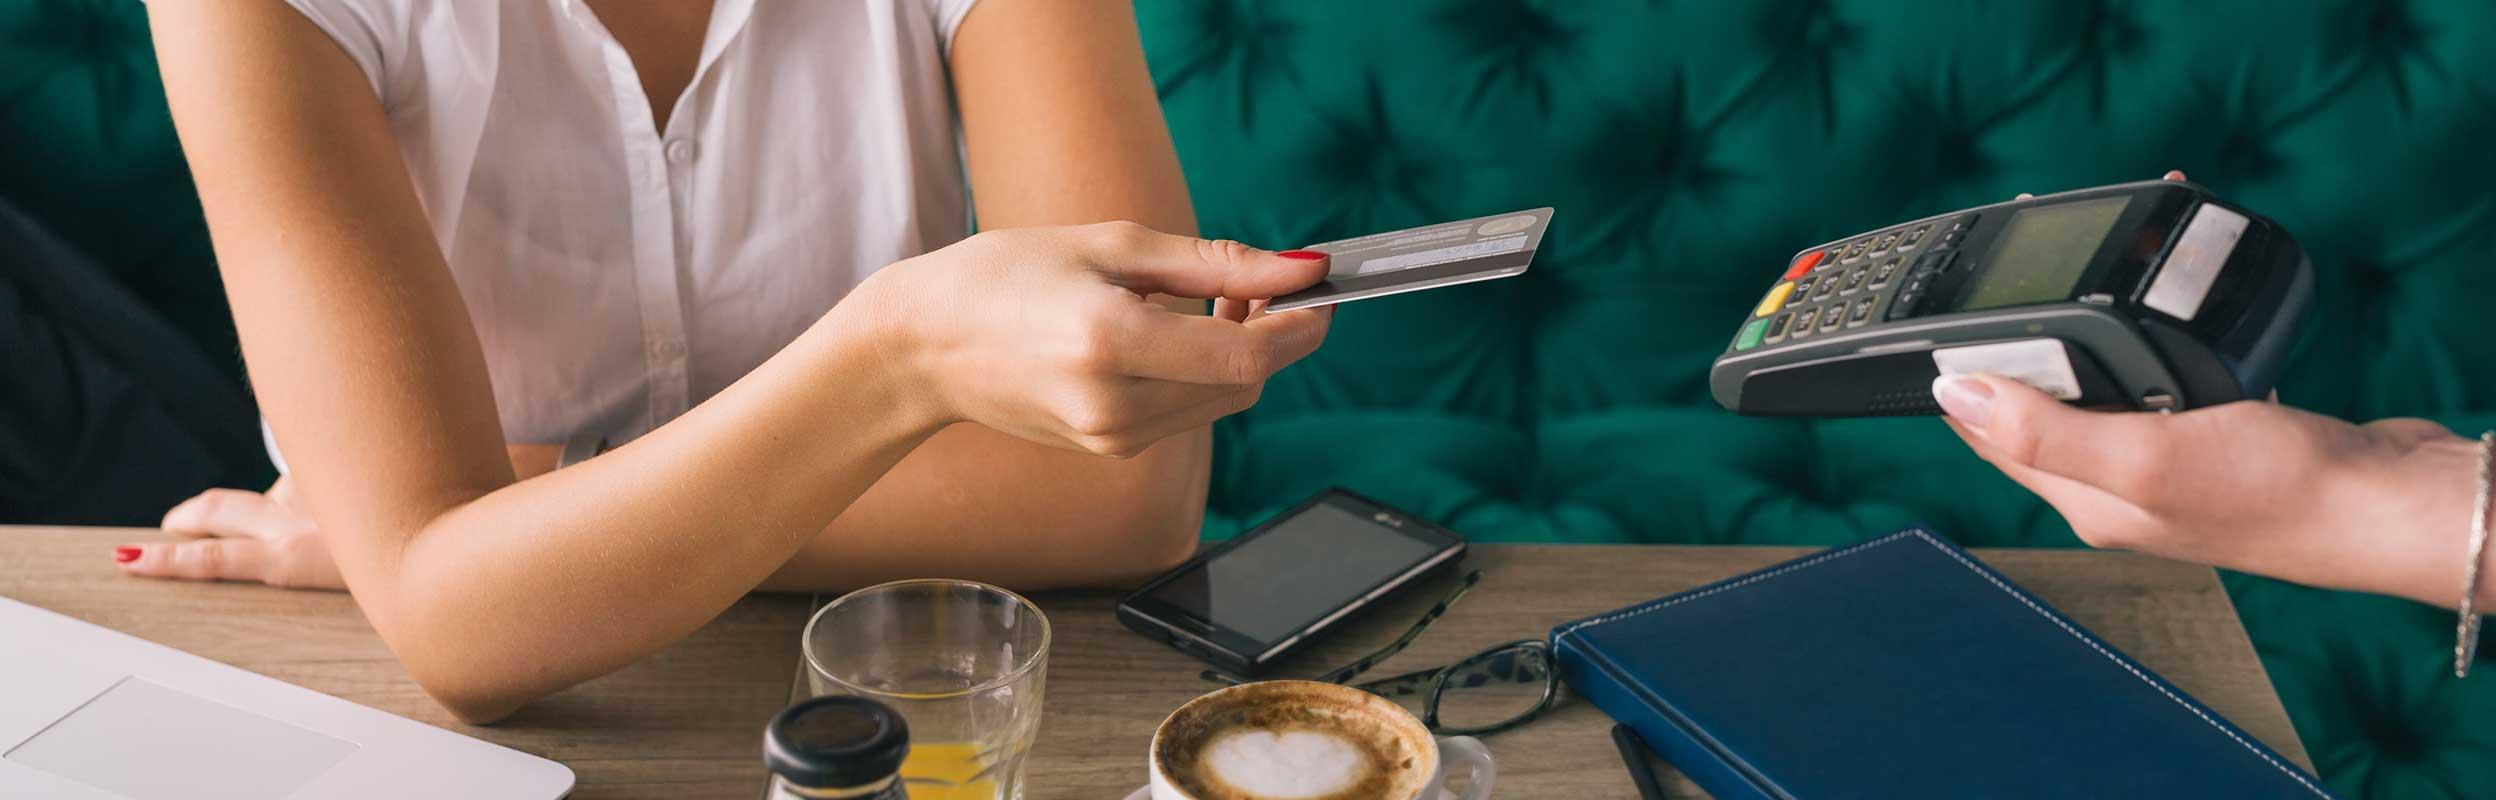 Le Paiement Sans Contact Evolue Article Cic Entreprises